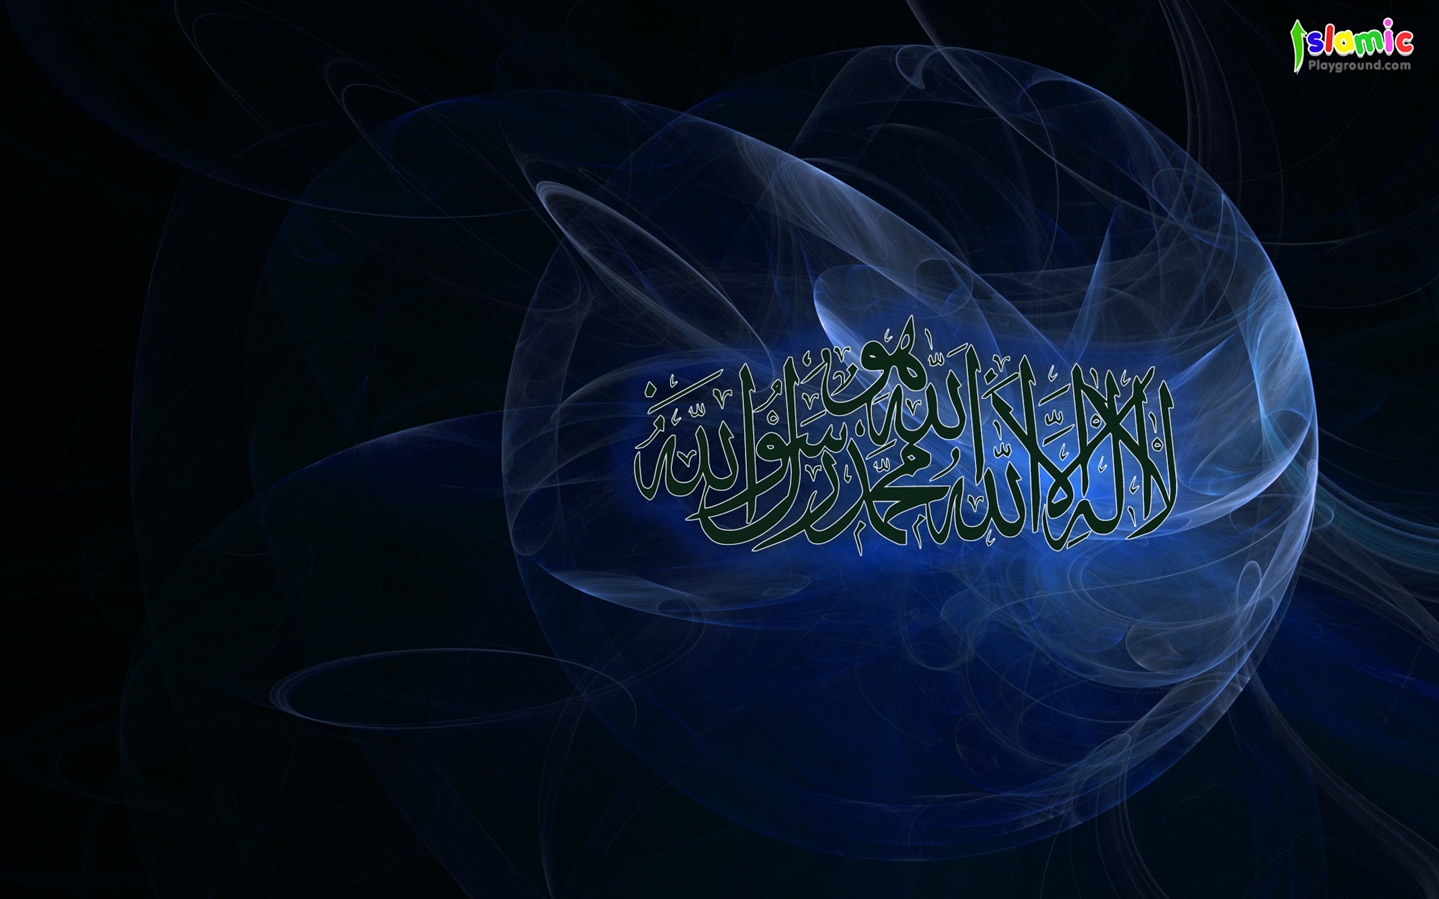 http://4.bp.blogspot.com/-dyFF5TSp2es/T1IANJpWBdI/AAAAAAAAB24/7yCcrS0vhxw/s1600/isalmicwallpaper2uk3.jpg